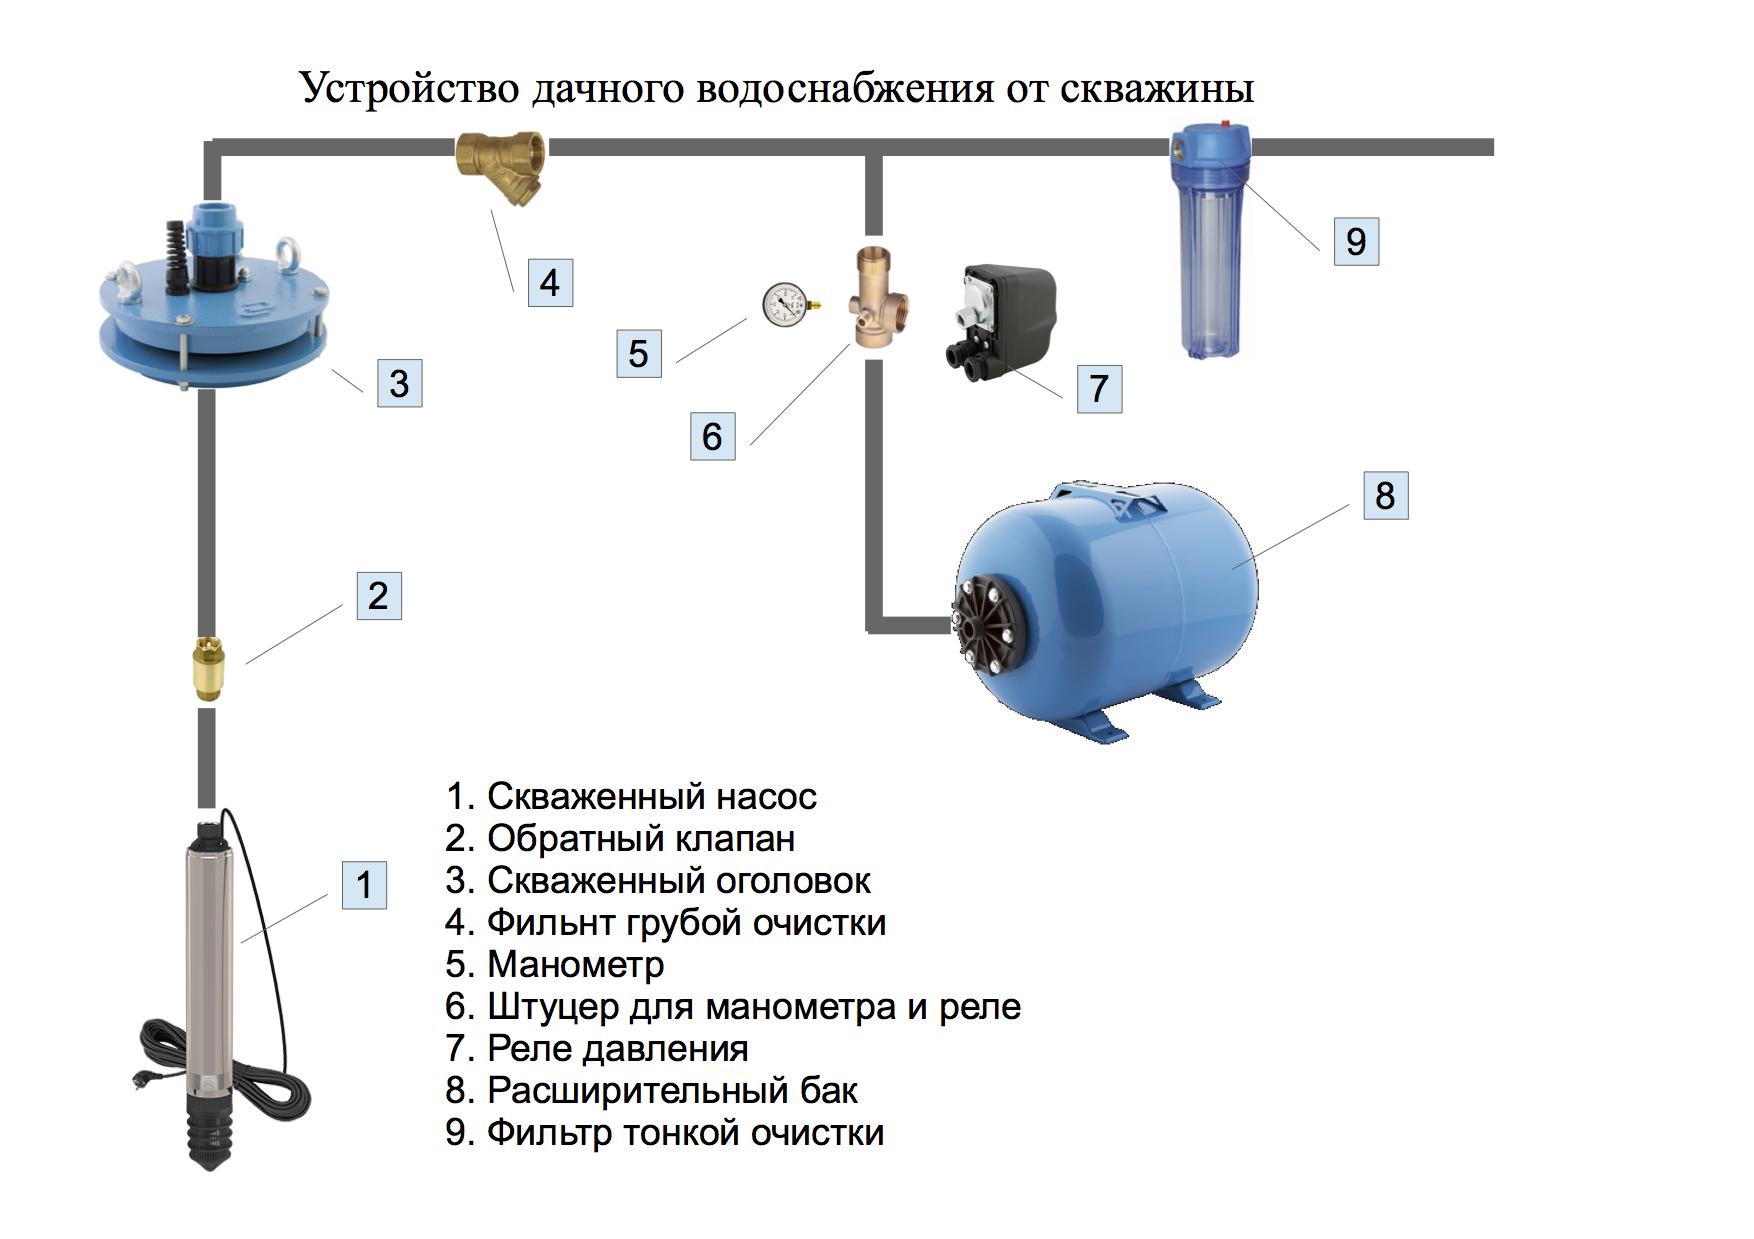 схема дачного водоснабжения